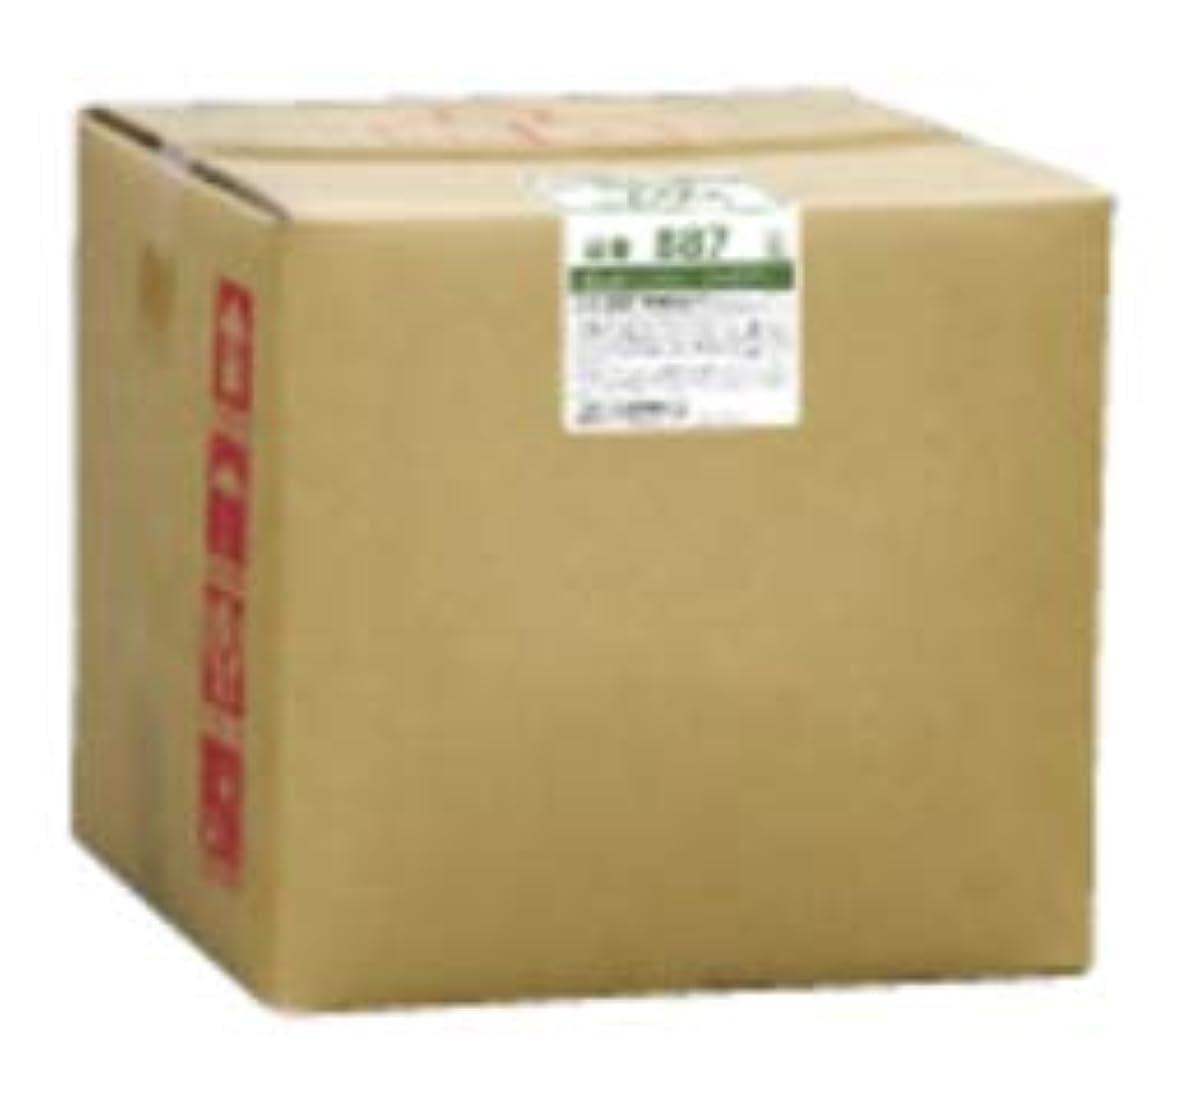 退院松の木呼吸フタバ化学 スパジアス シャンプー 18L 詰め替え 800ml専用空容器付 黒糖と蜂蜜